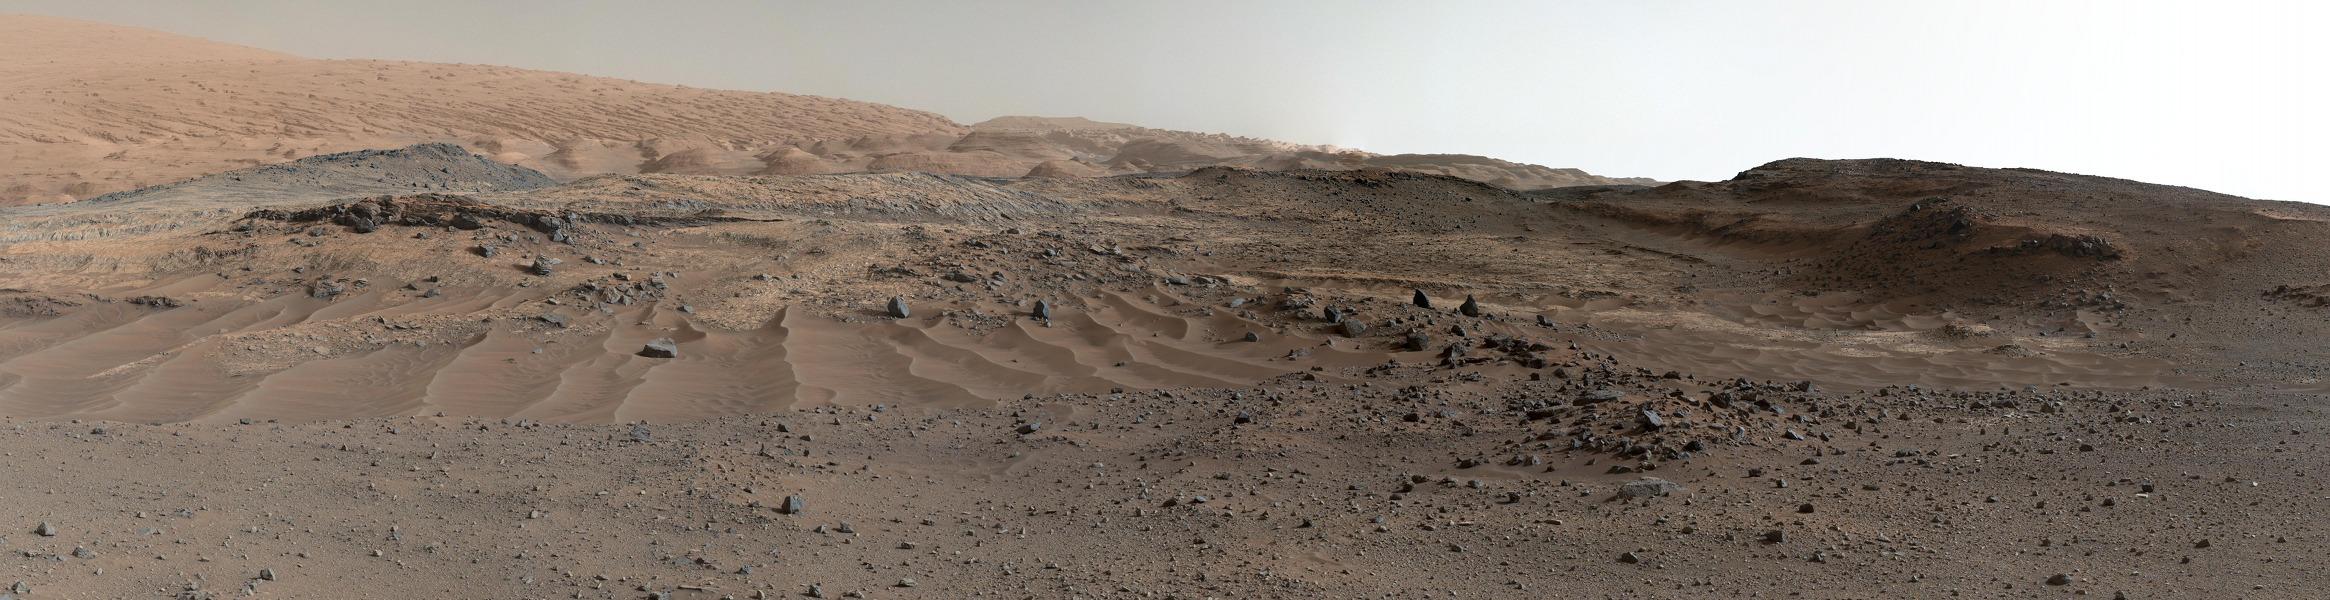 La vue depuis Curiosity